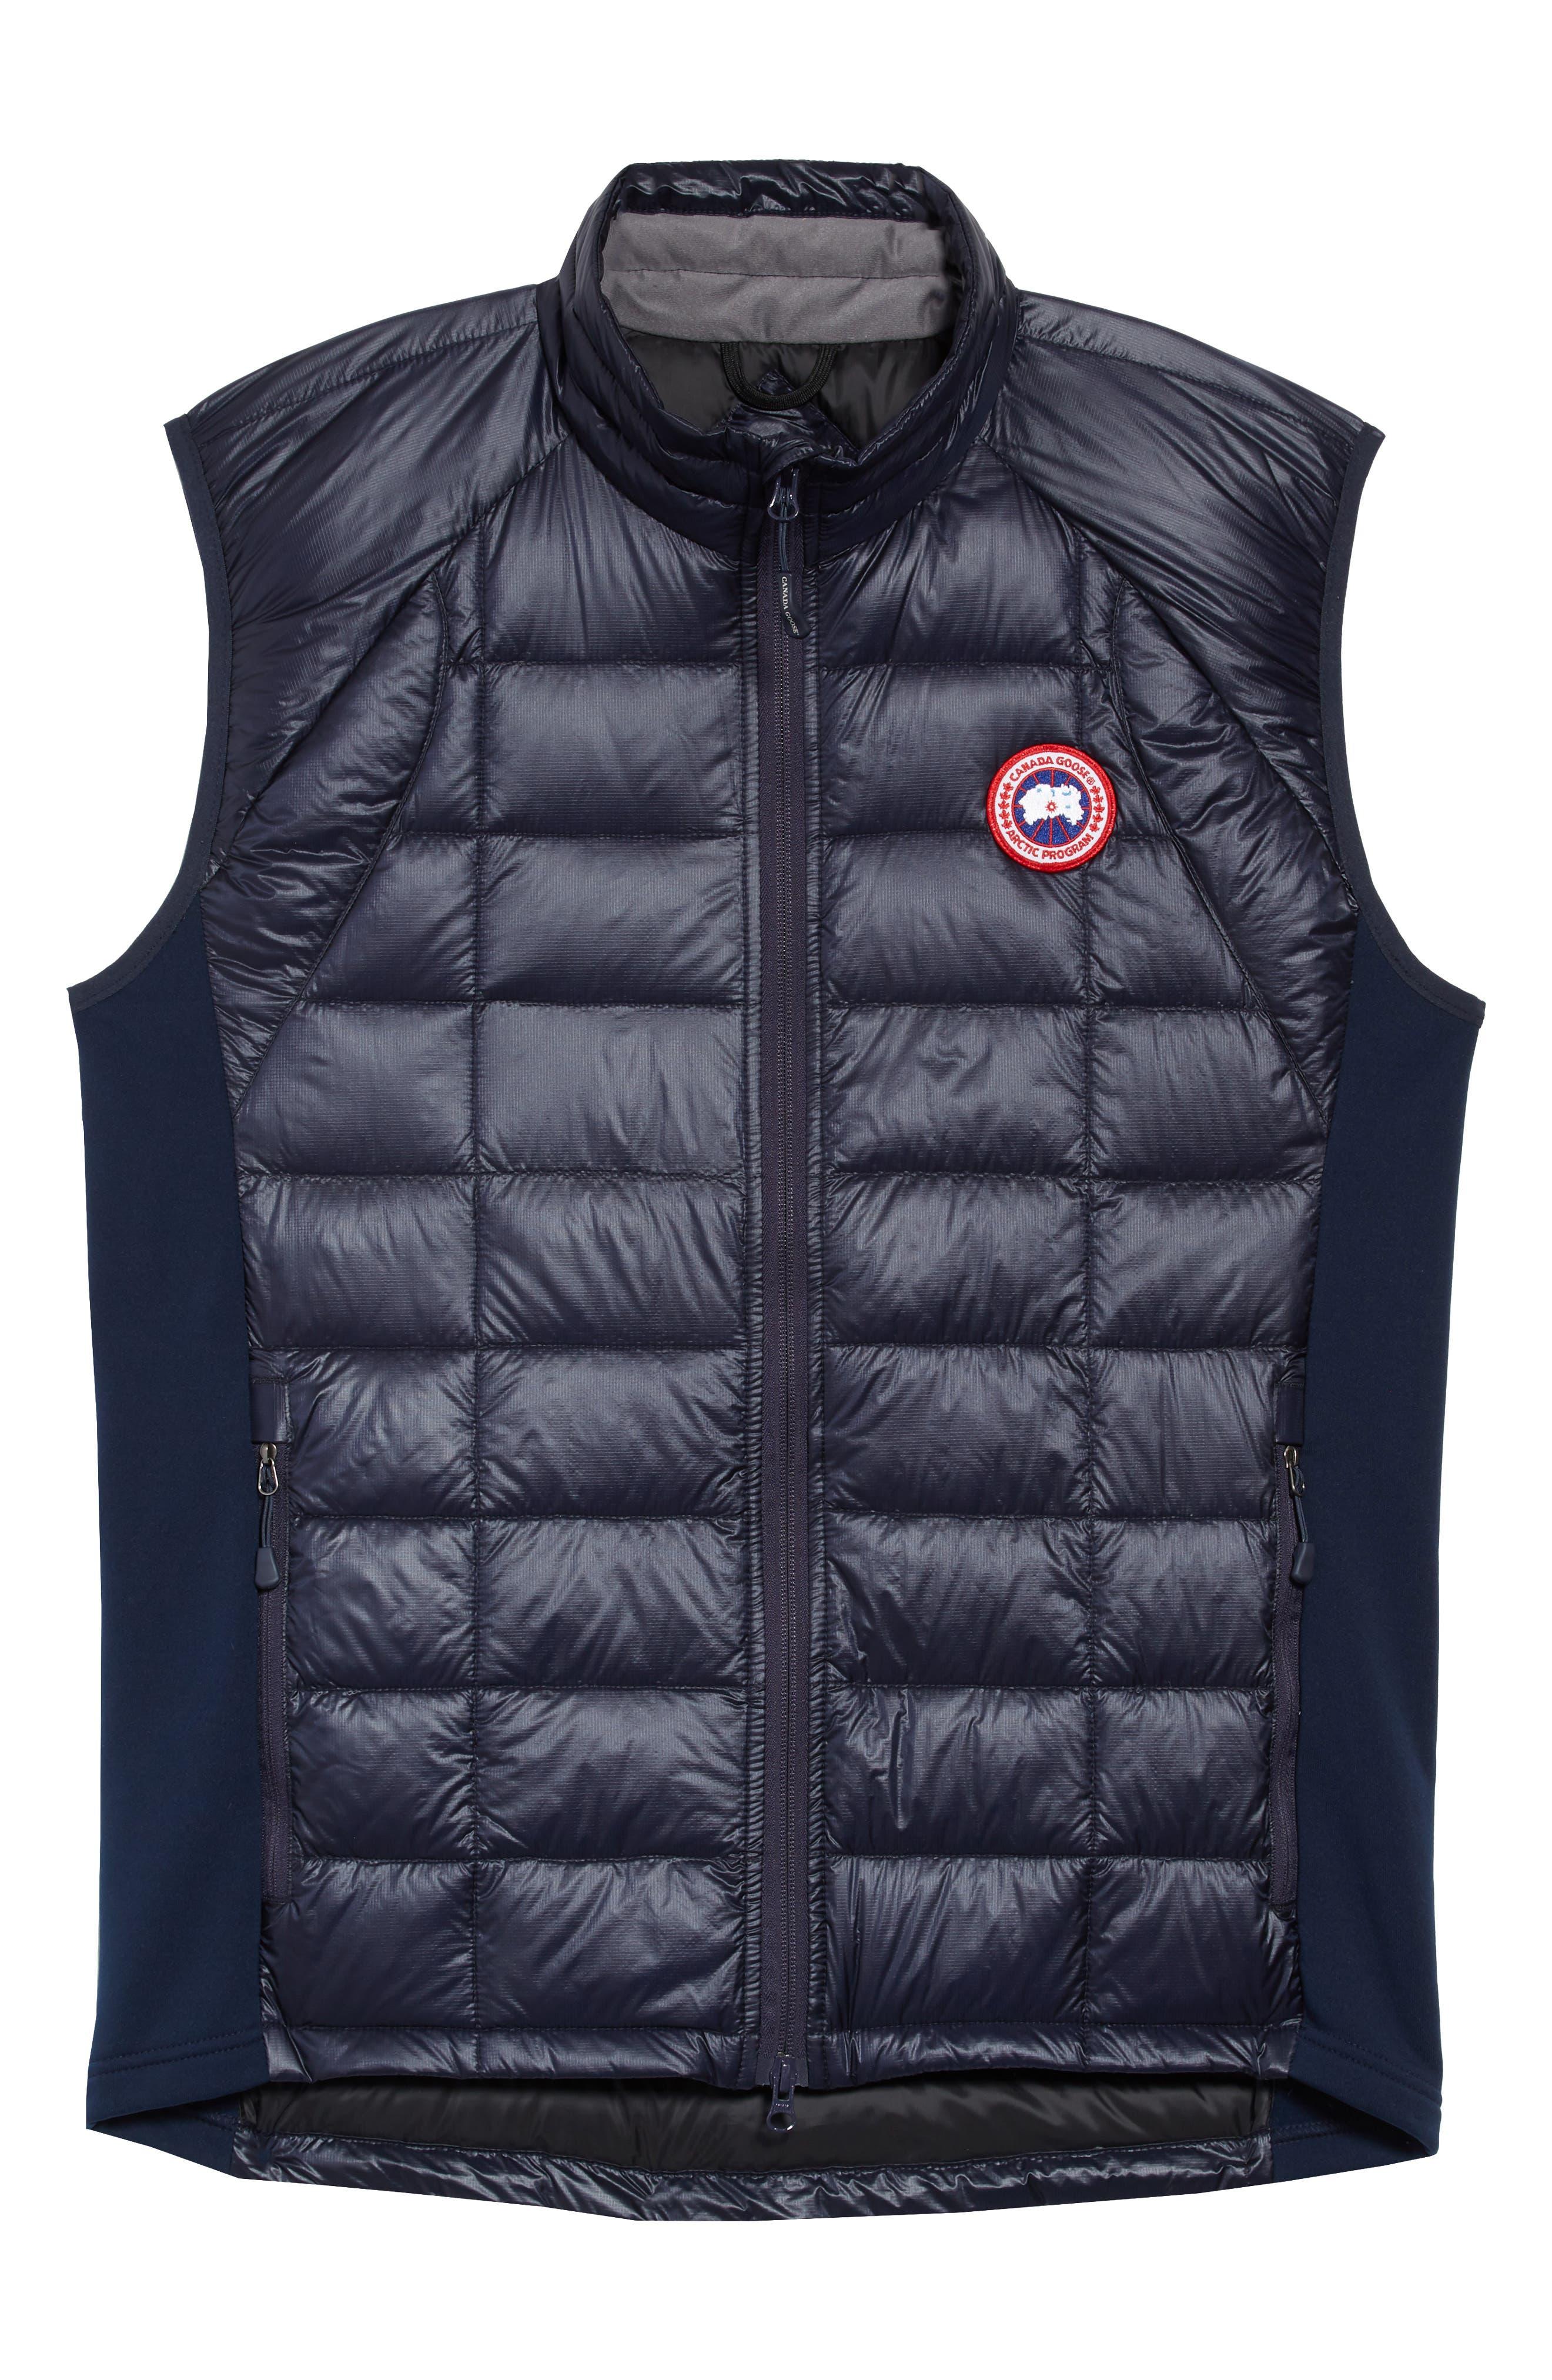 8c739fd2b9b6f5 Men s Vest Coats   Jackets